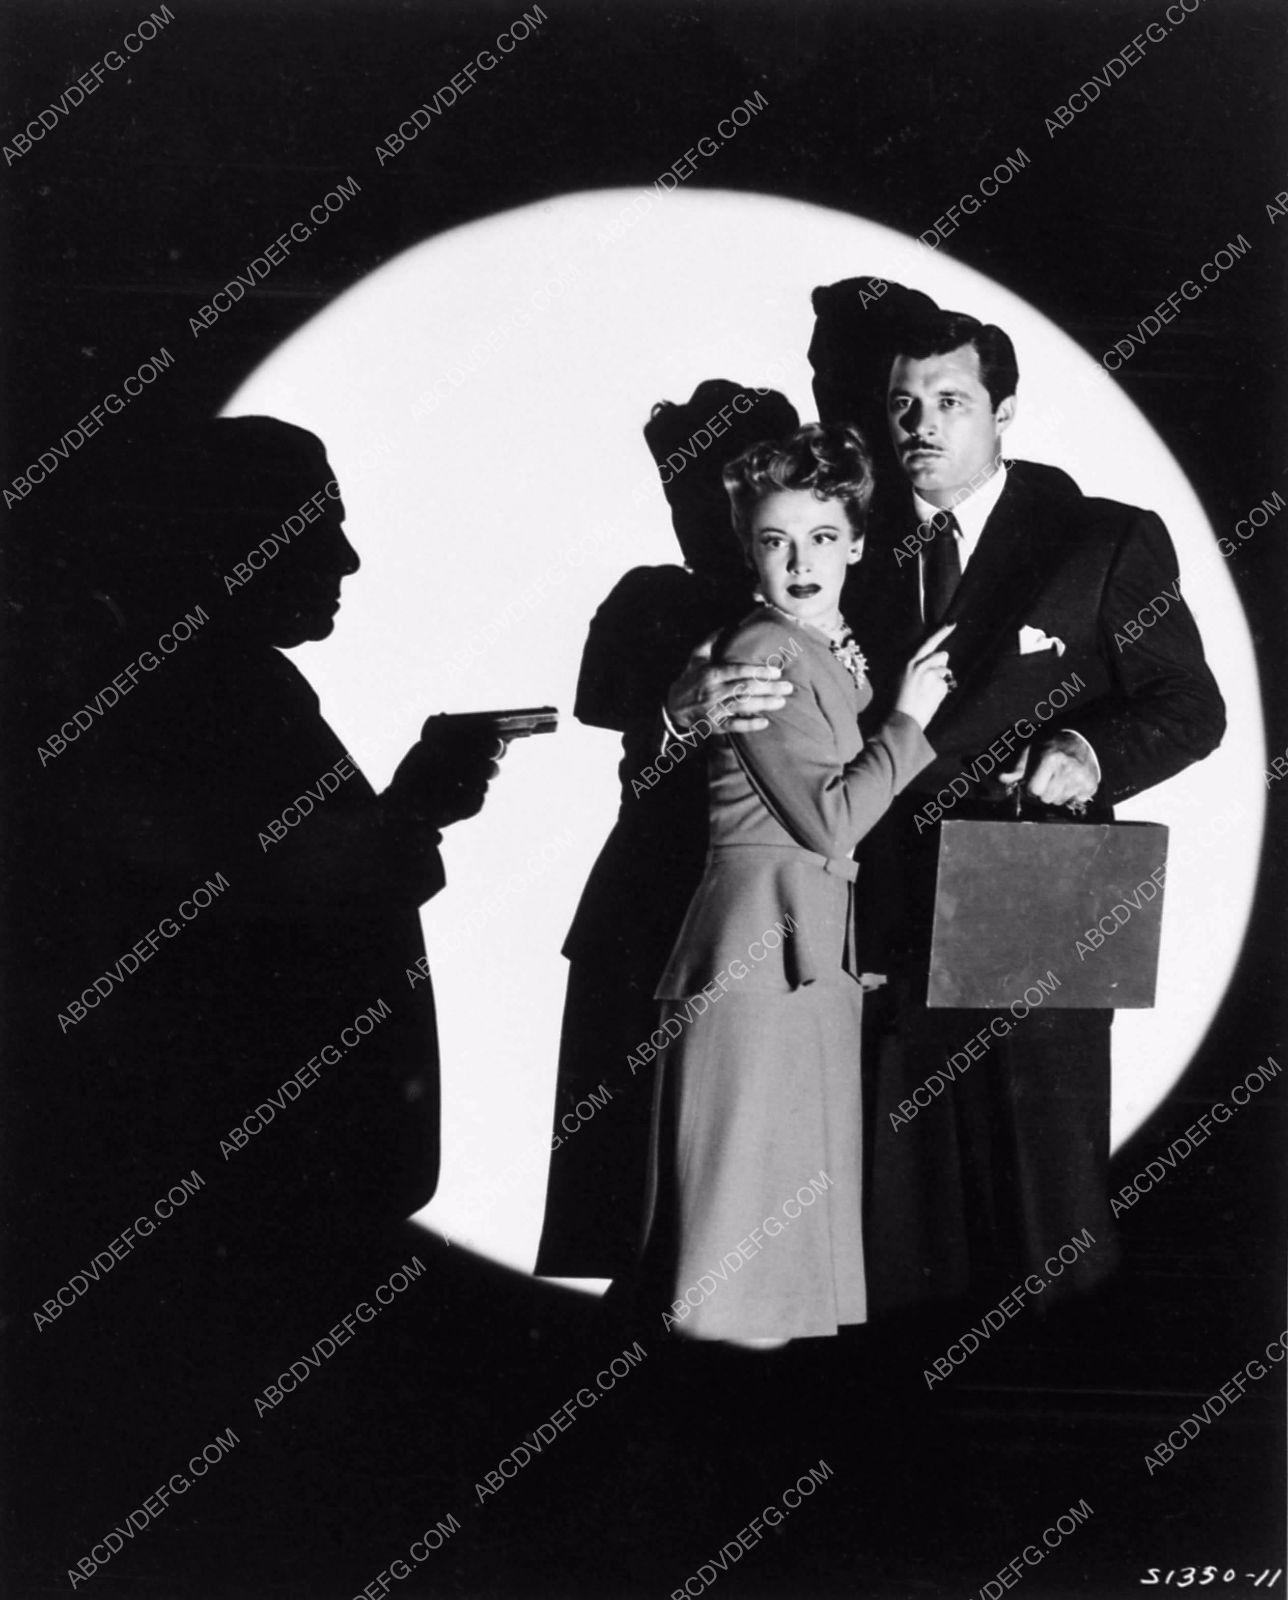 photo Signe Hasso James Craig cool shadow film noir Dangerous Partners 1551-13